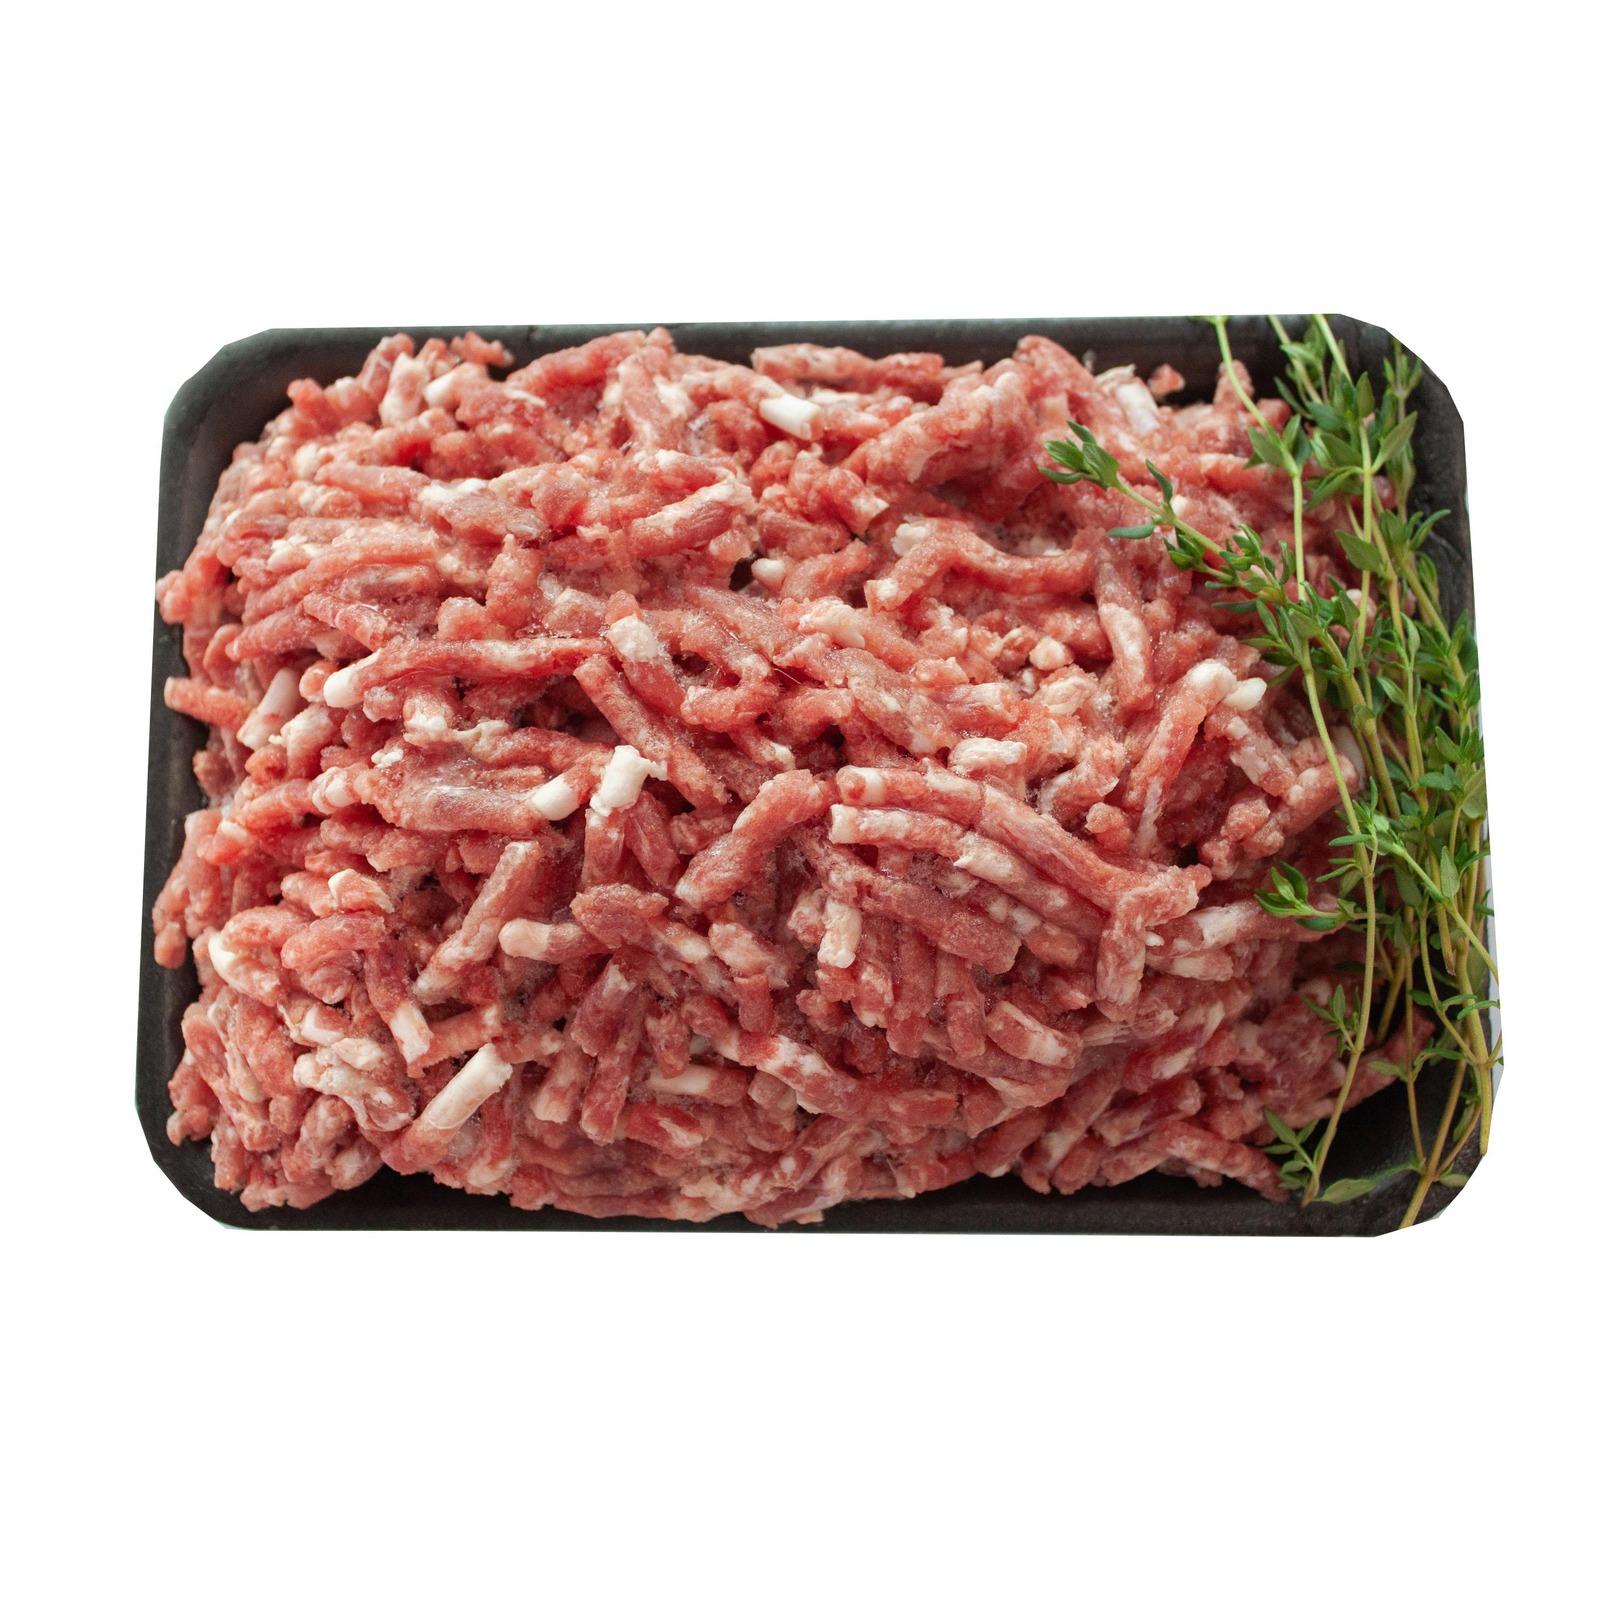 Hego Minced Beef